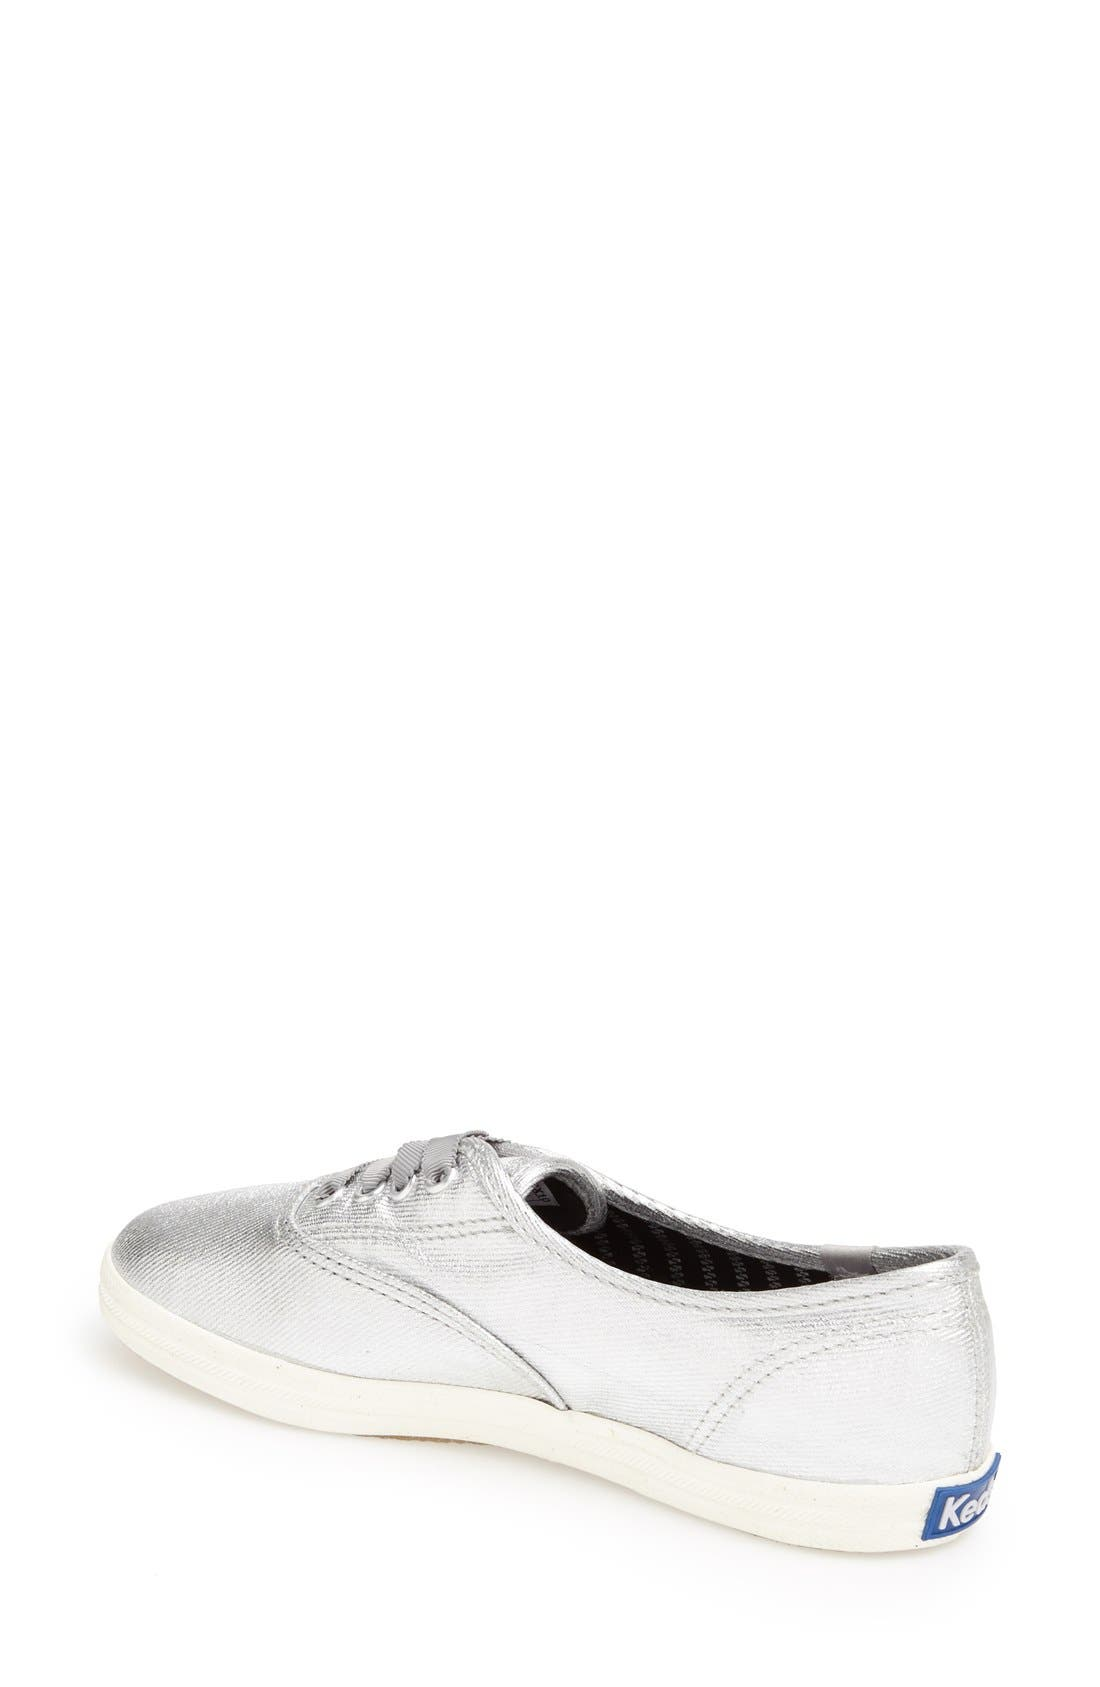 Alternate Image 2  - Keds® 'Champion - Metallic' Sneaker (Women) (Regular Retail Price: $49.95)